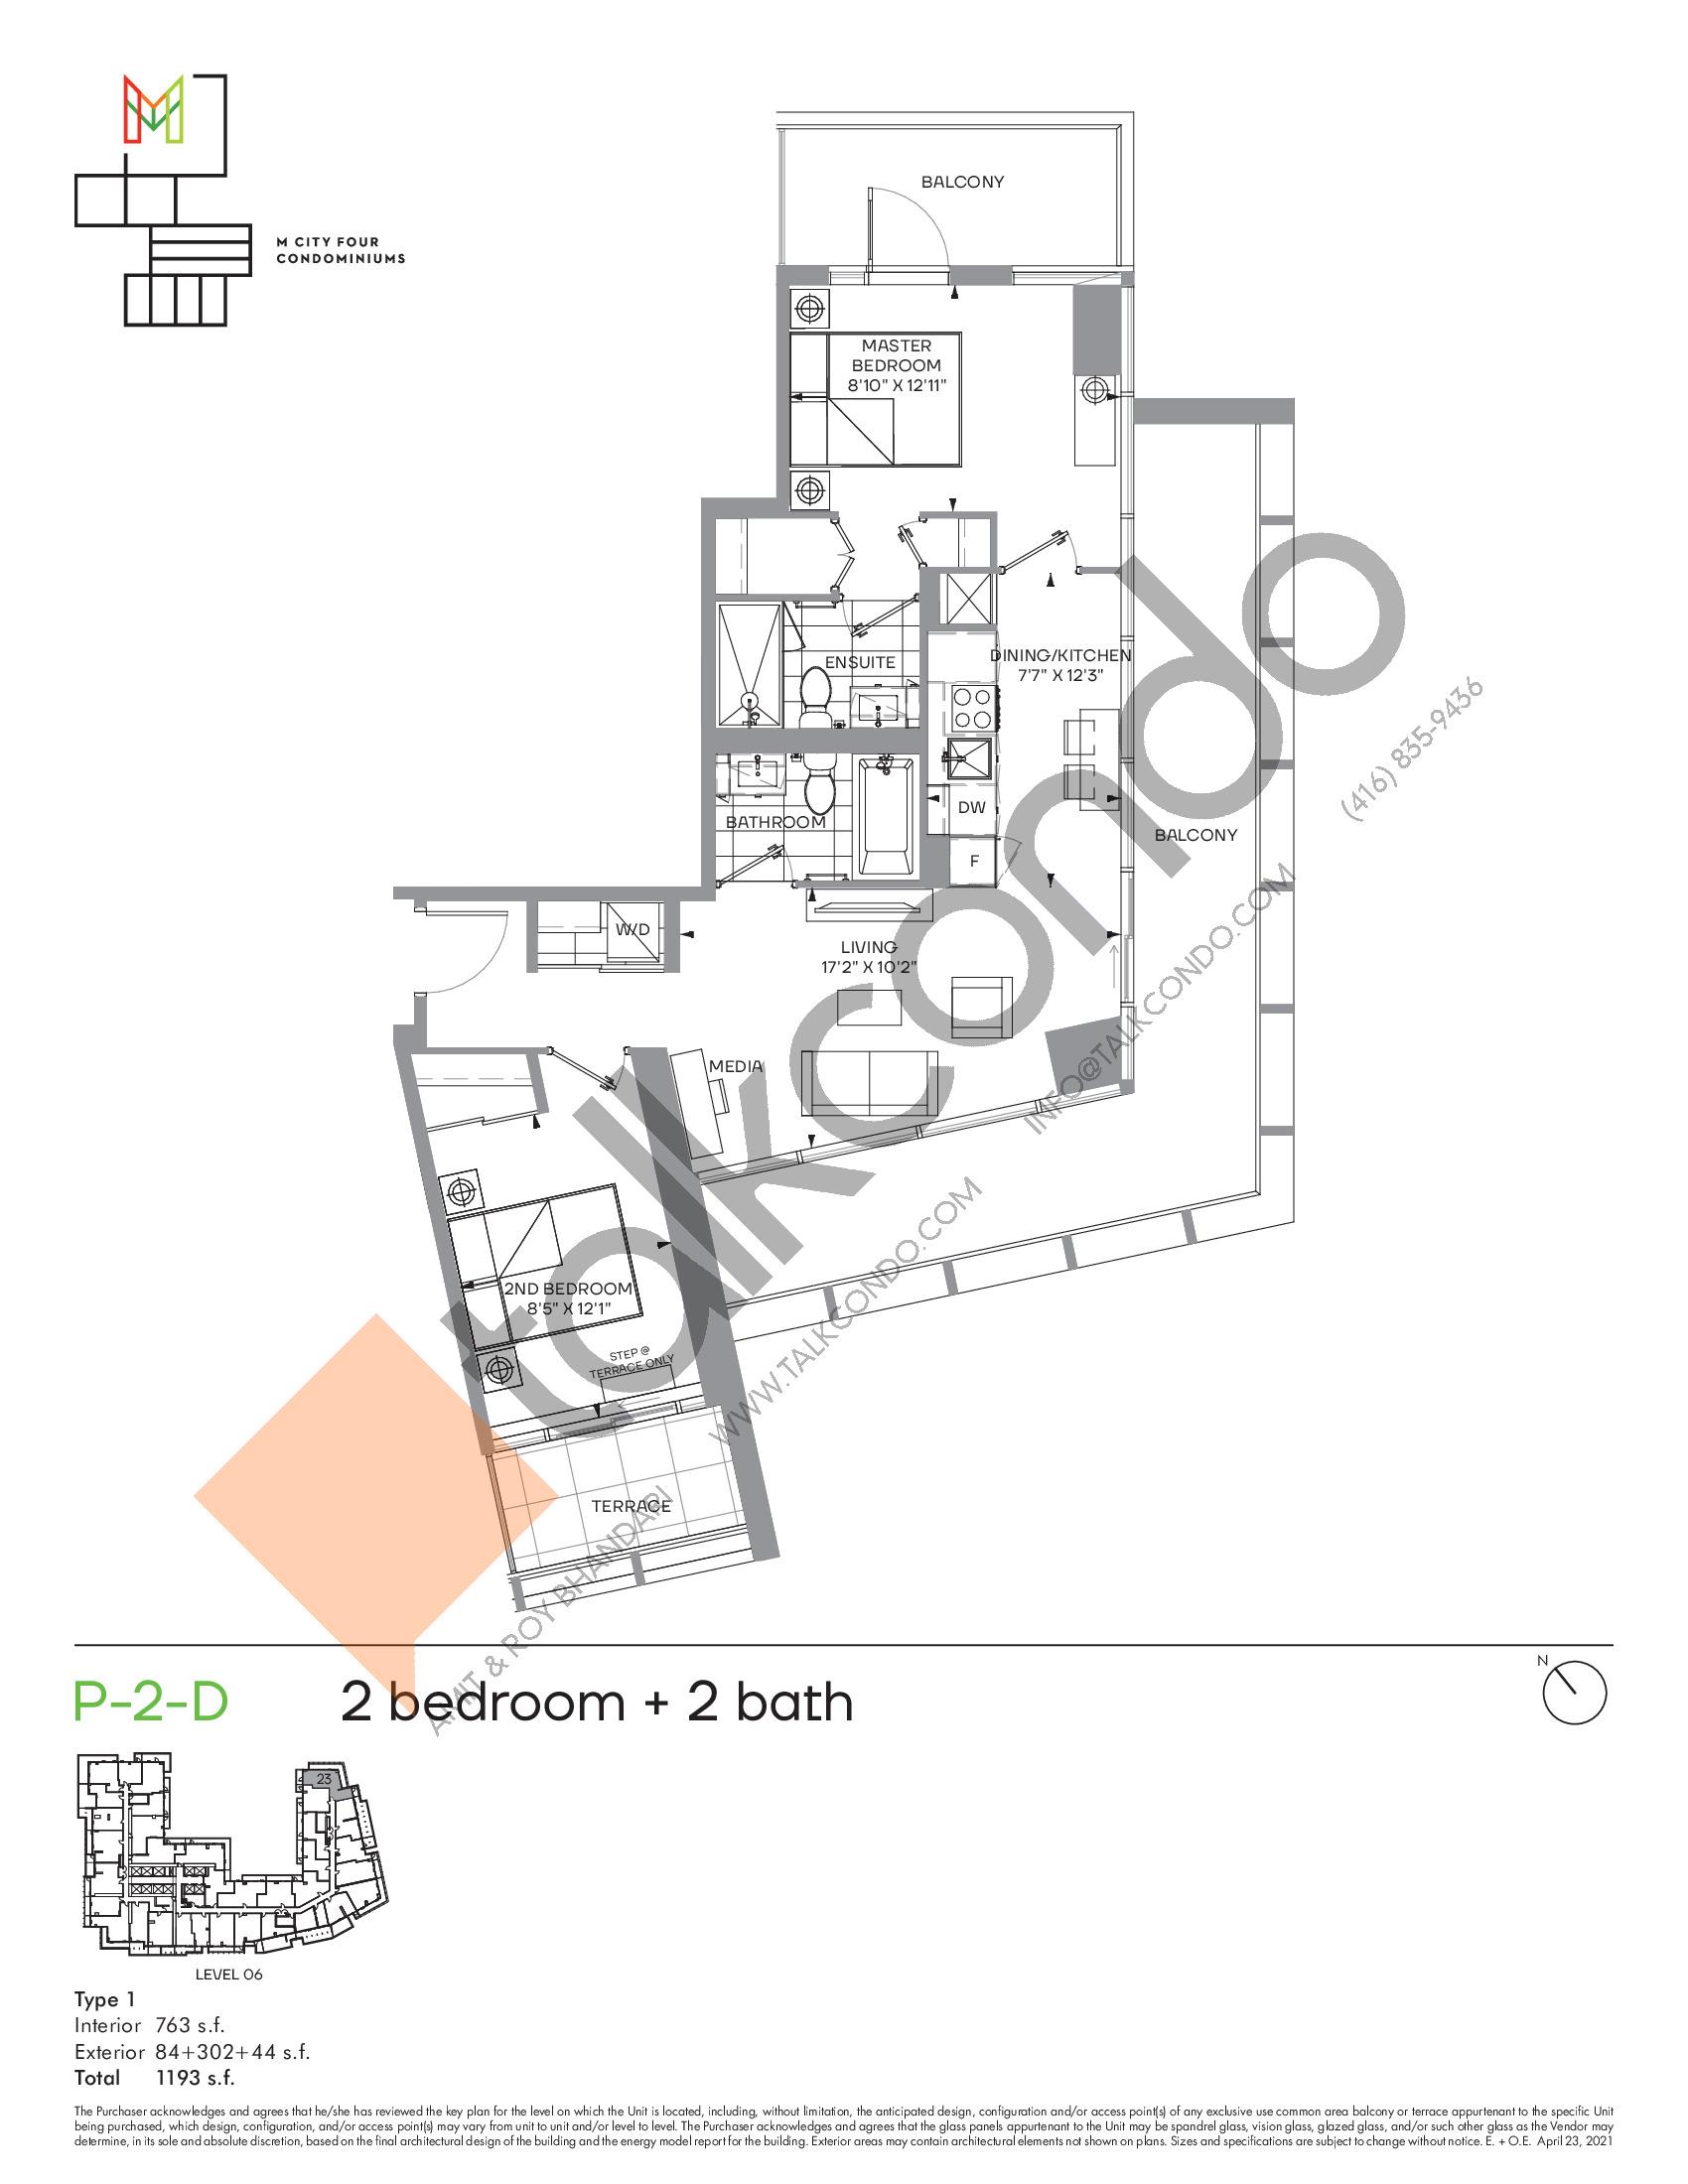 P-2-D (Podium) Floor Plan at M4 Condos - 763 sq.ft